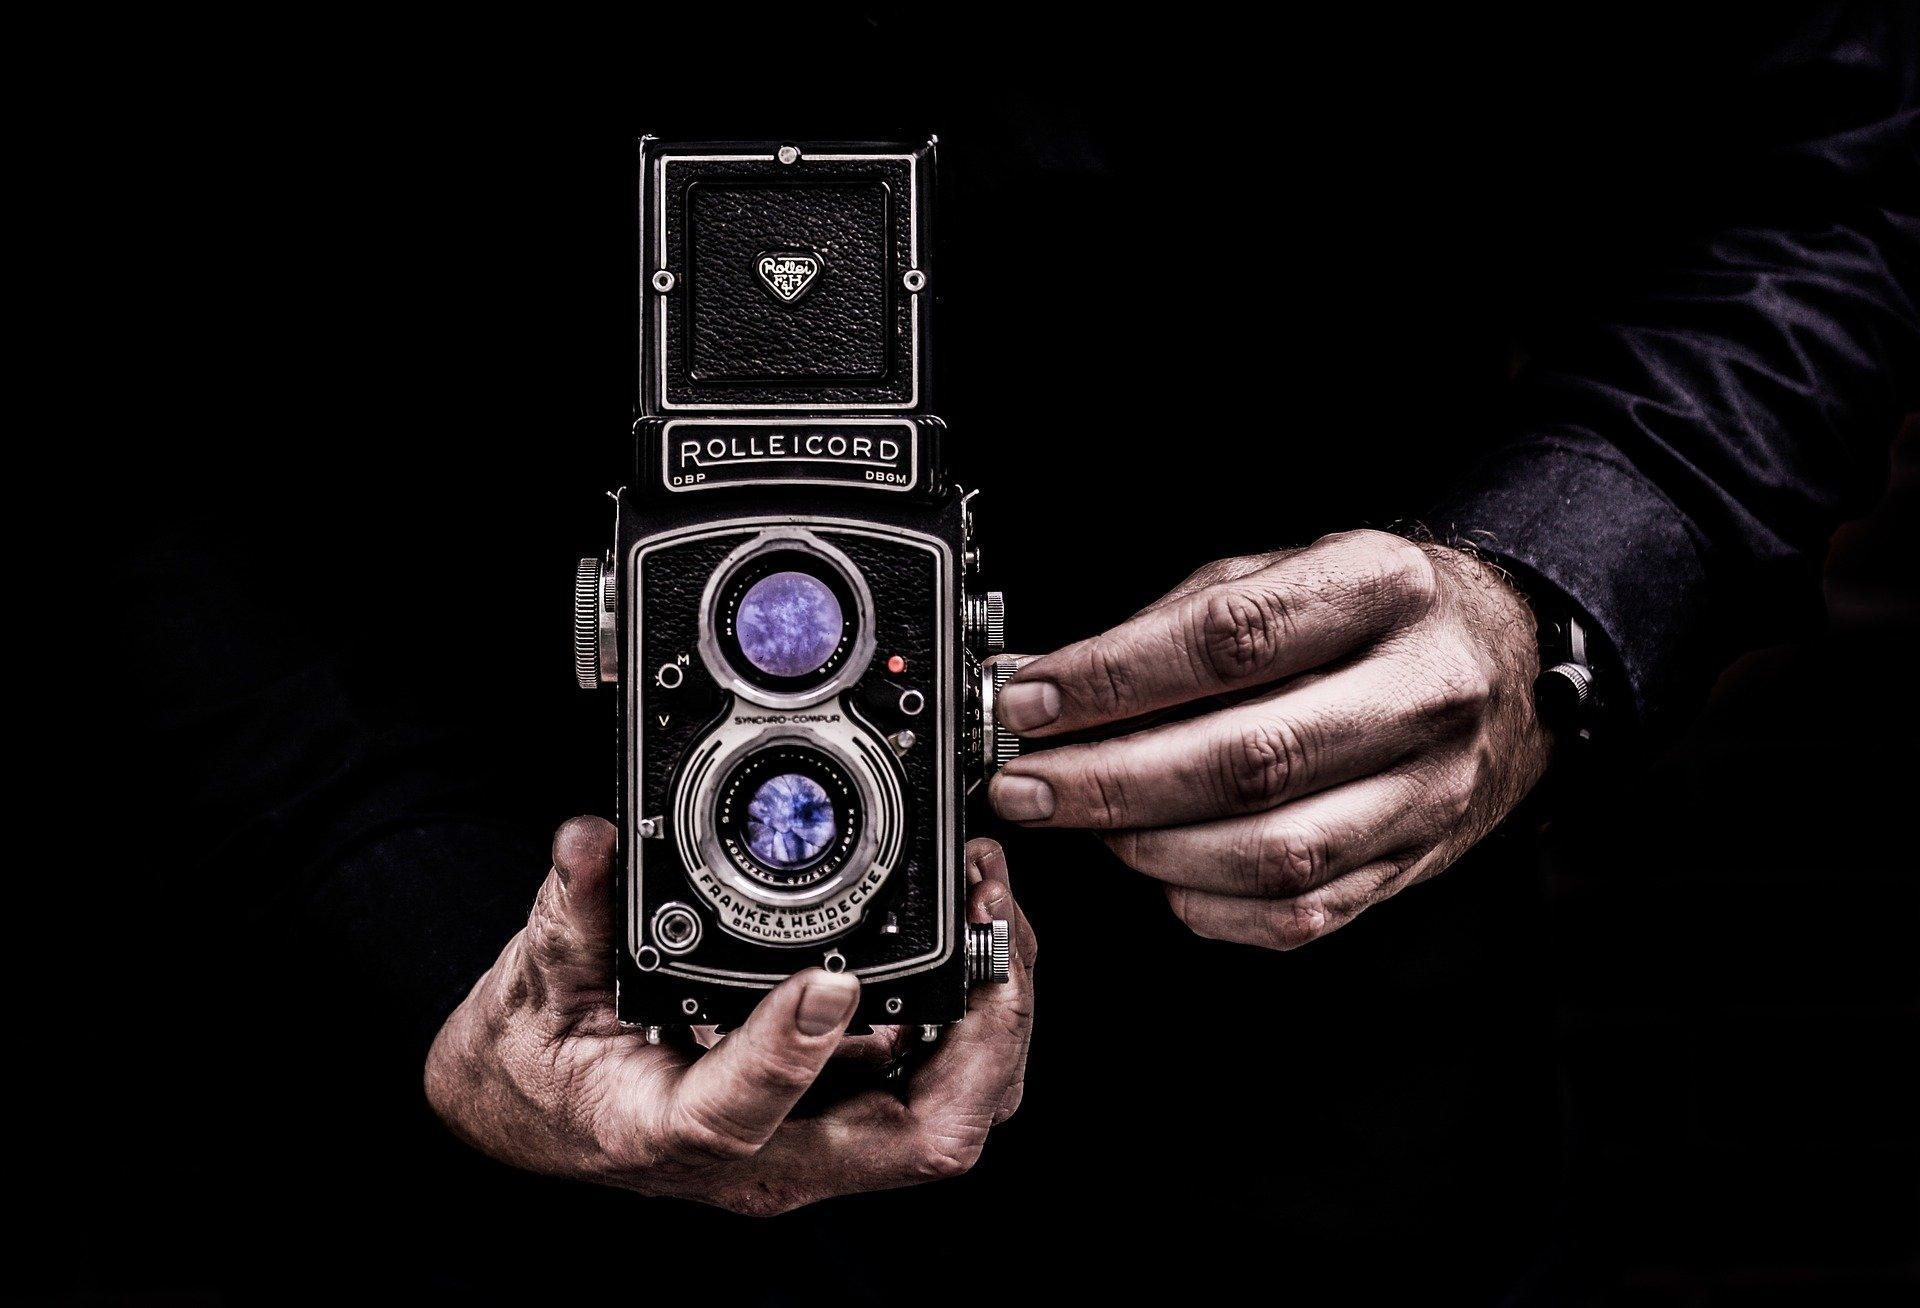 Fotoaparat von einer Person gehalten